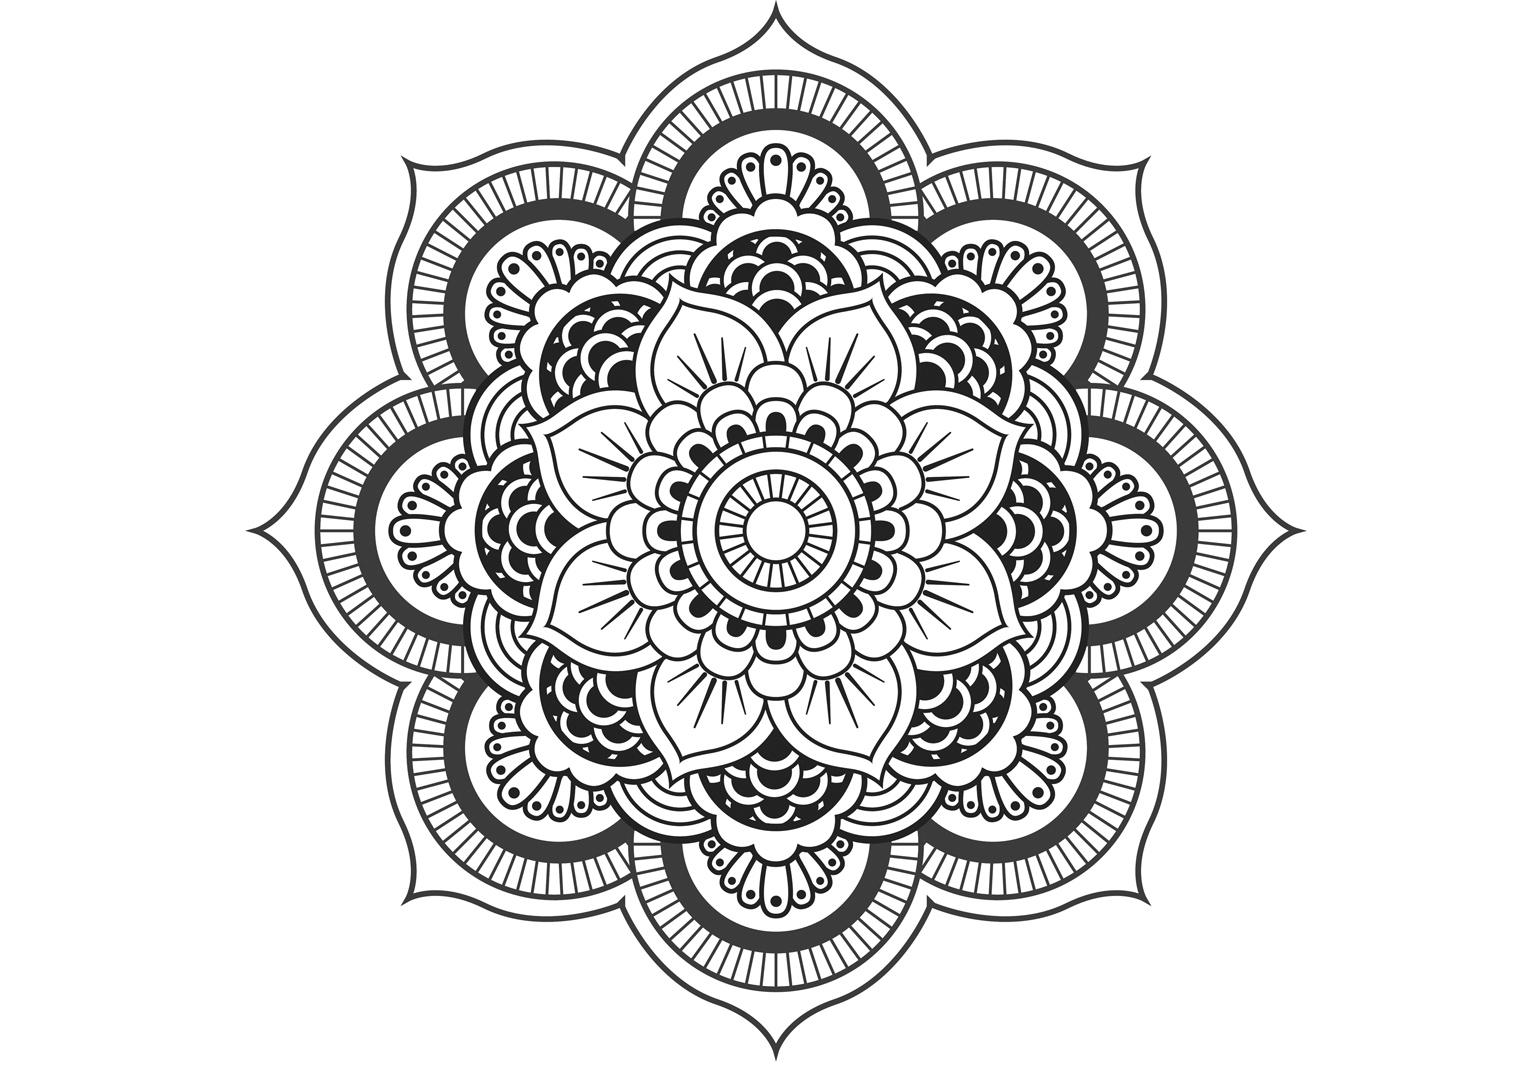 Coloriage Anti-Stress Et Mandala Gratuits Pour Adulte concernant Coloriage De Mandala Difficile A Imprimer